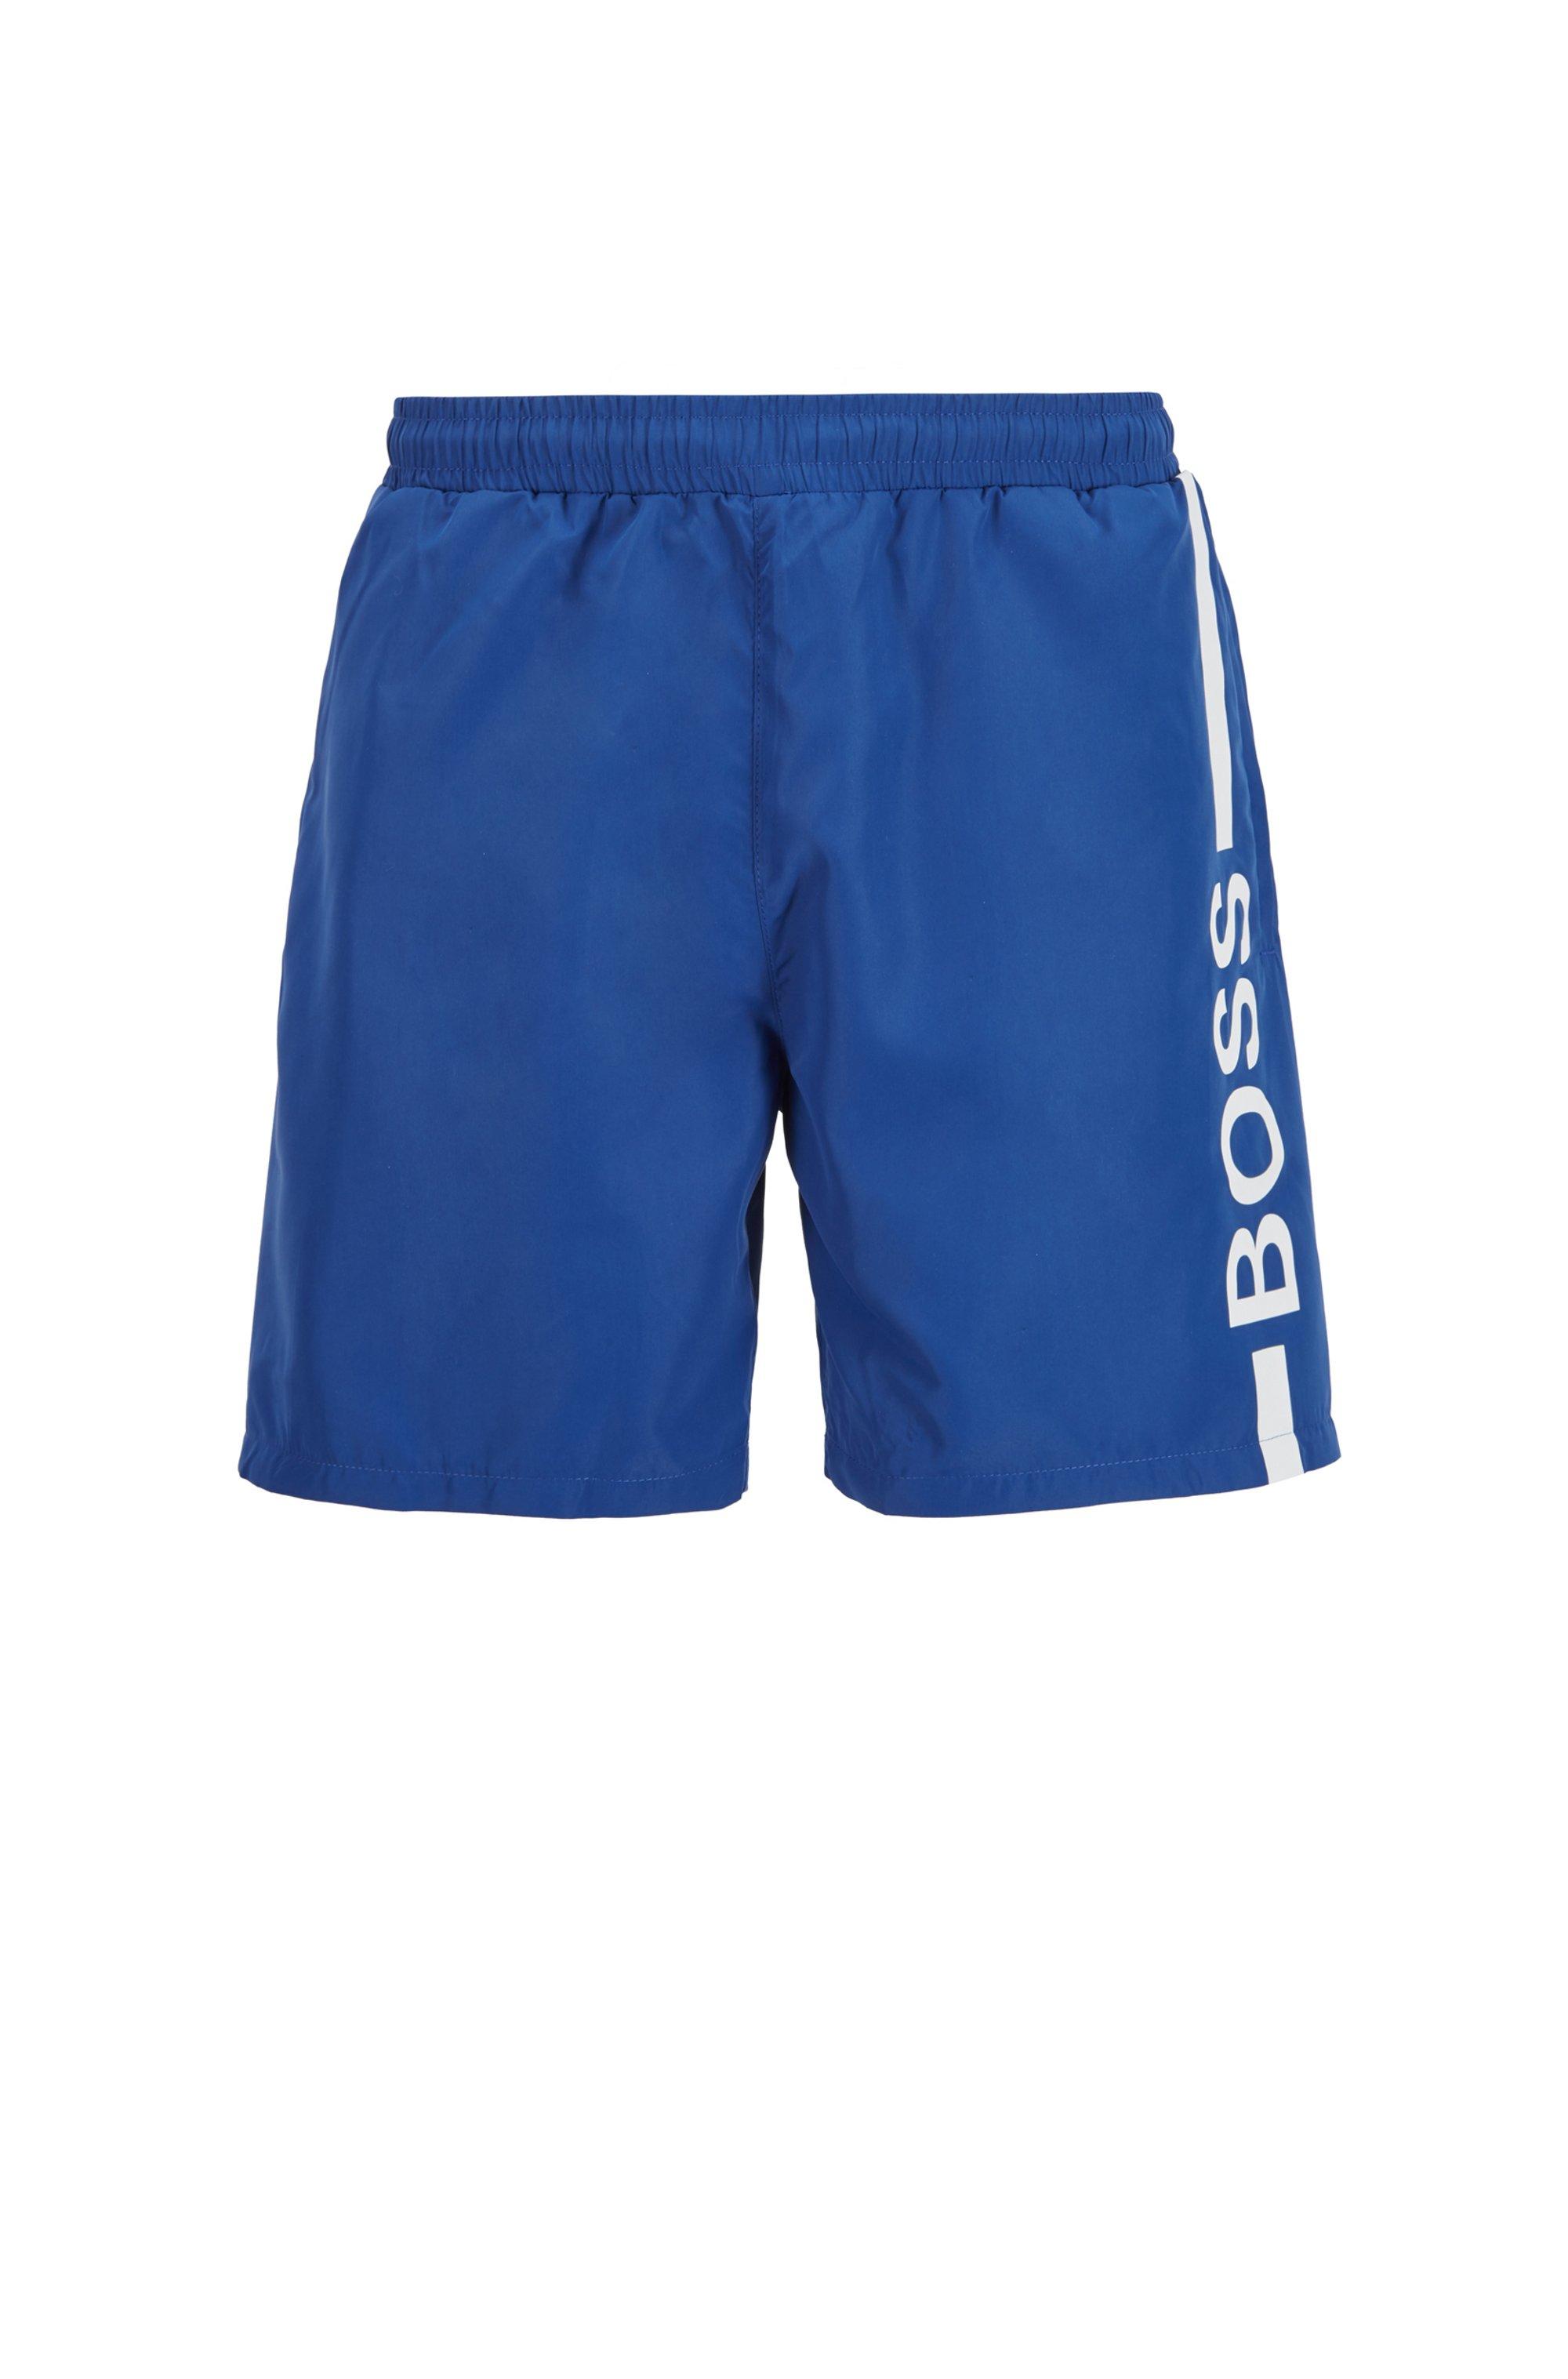 Bañador tipo shorts con logo estampado en tejido reciclado, Azul